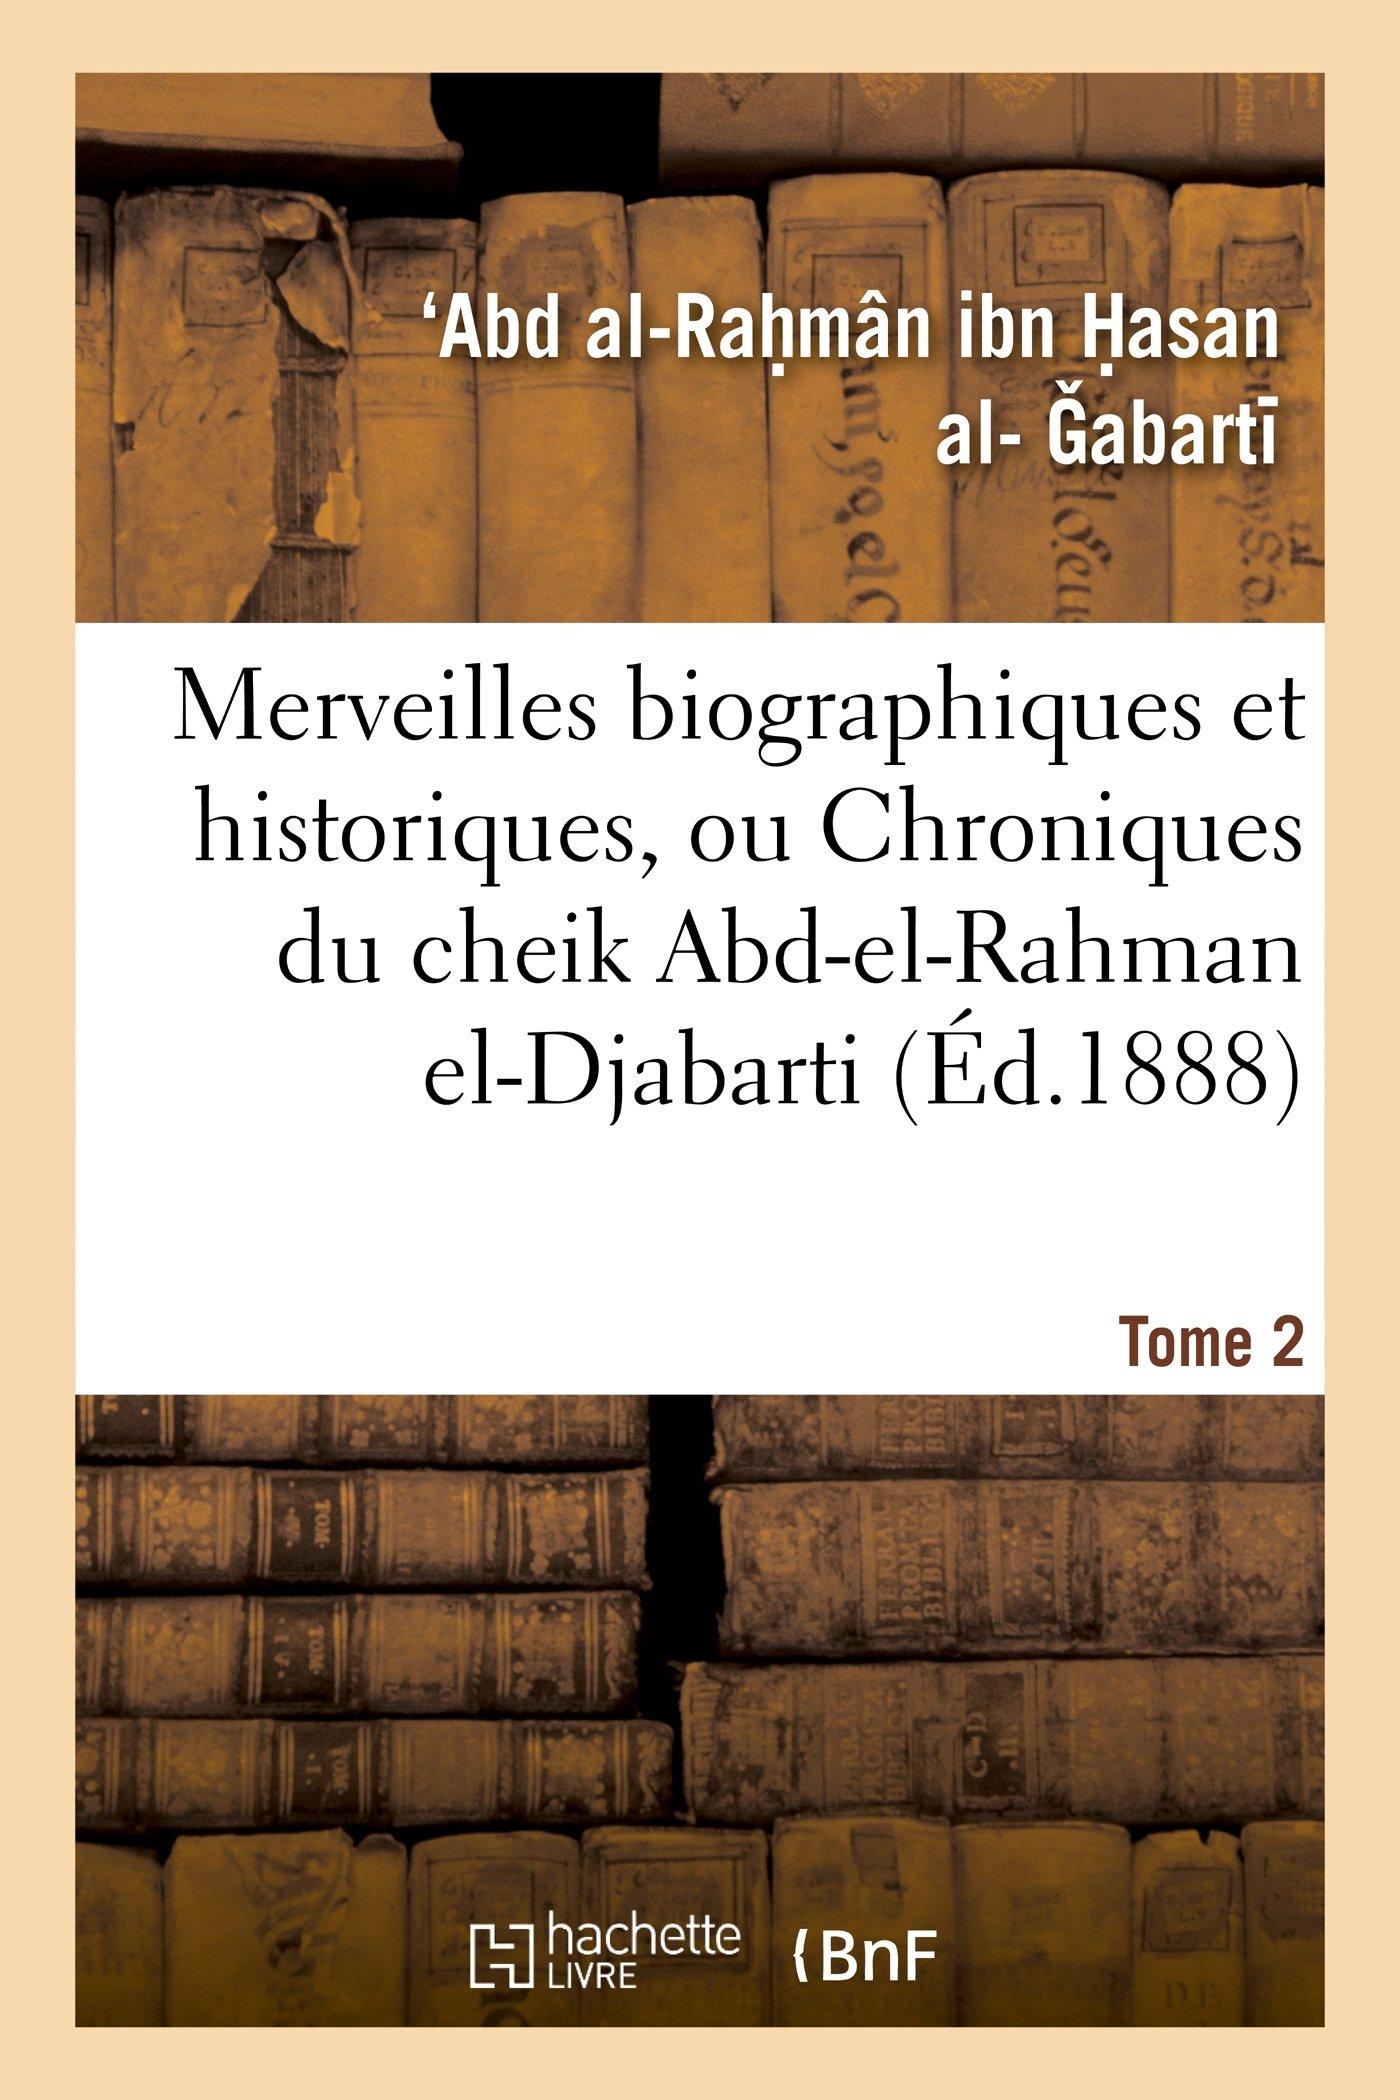 Download Merveilles Biographiques Et Historiques, Ou Chroniques Du Cheik Abd-El-Rahman El-Djabarti. Tome 2 (Histoire) (French Edition) pdf